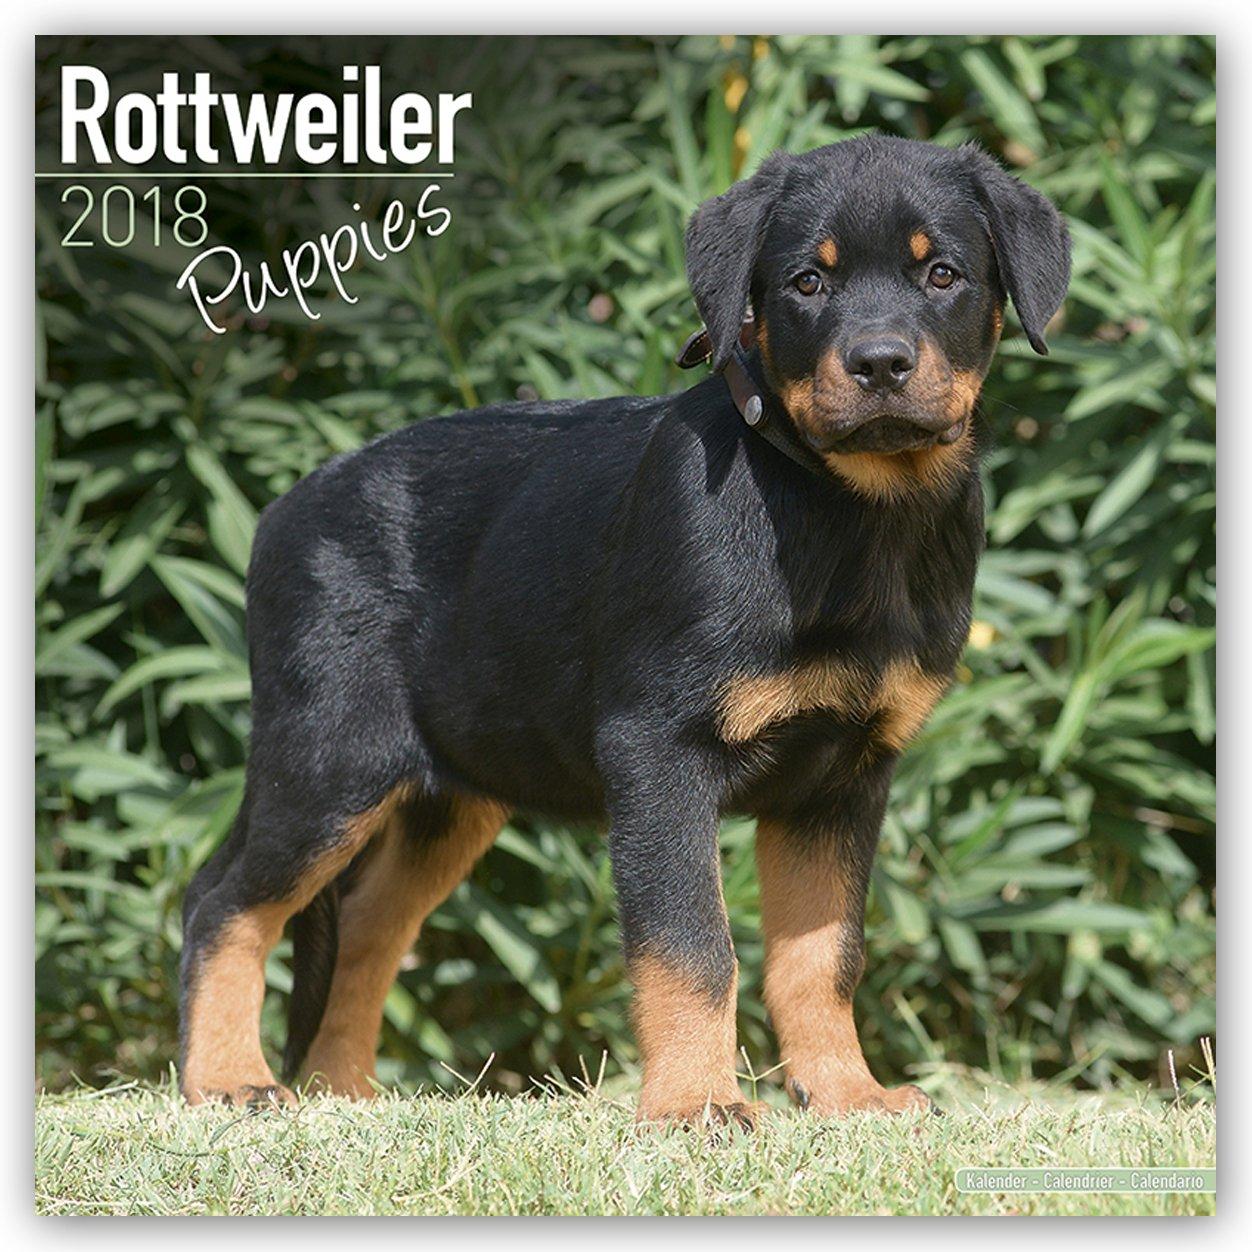 Rottweiler Puppies Calendar - Dog Breed Calendars - 2017 - 2018 wall Calendars - 16 Month by Avonside ebook